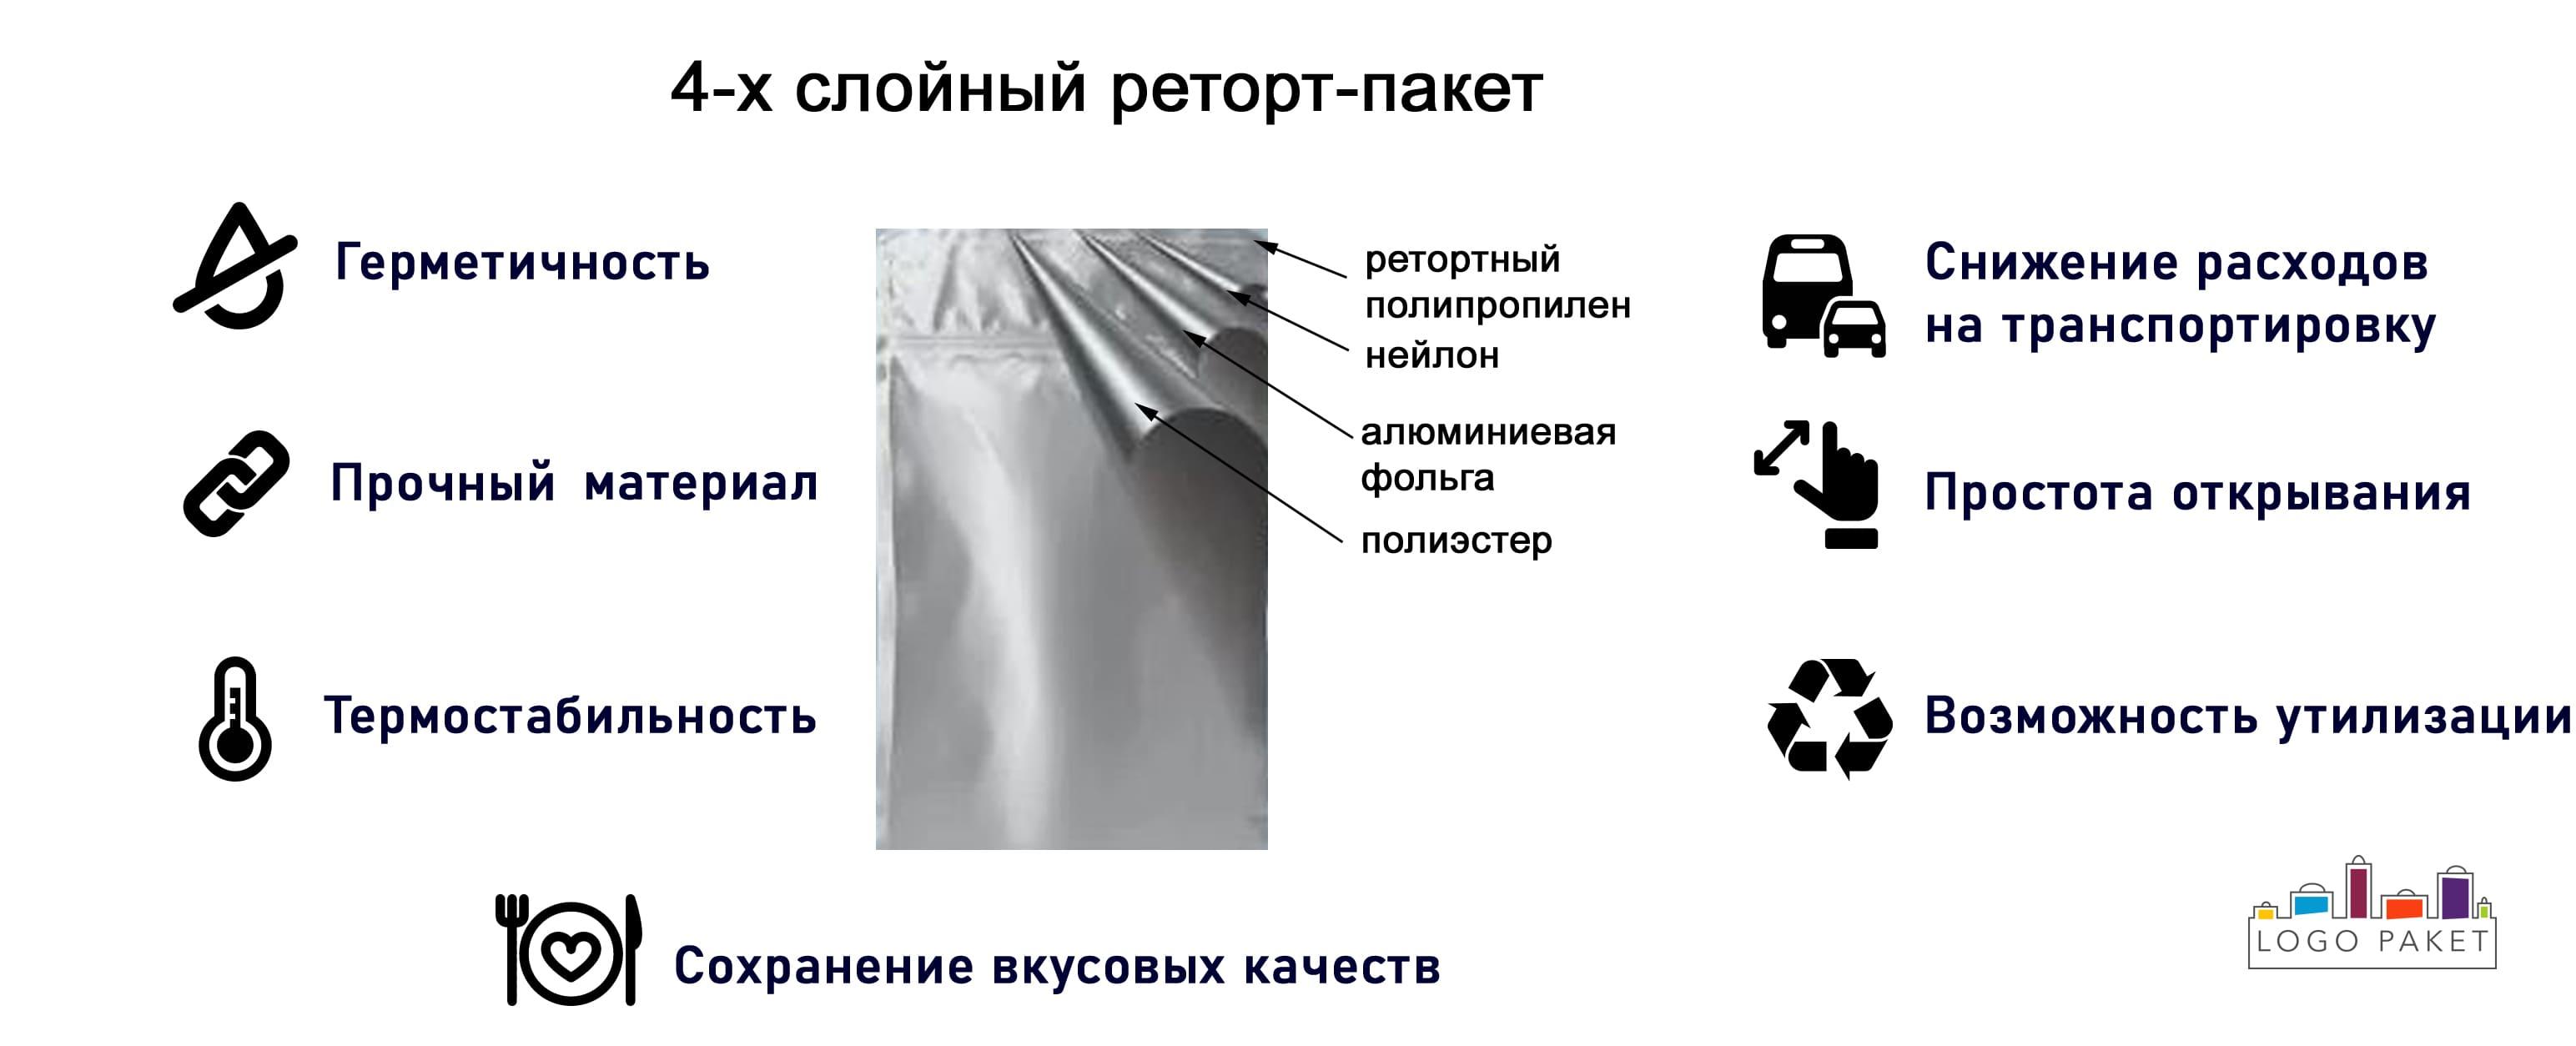 4-х слойный реторт-пакет инфографика